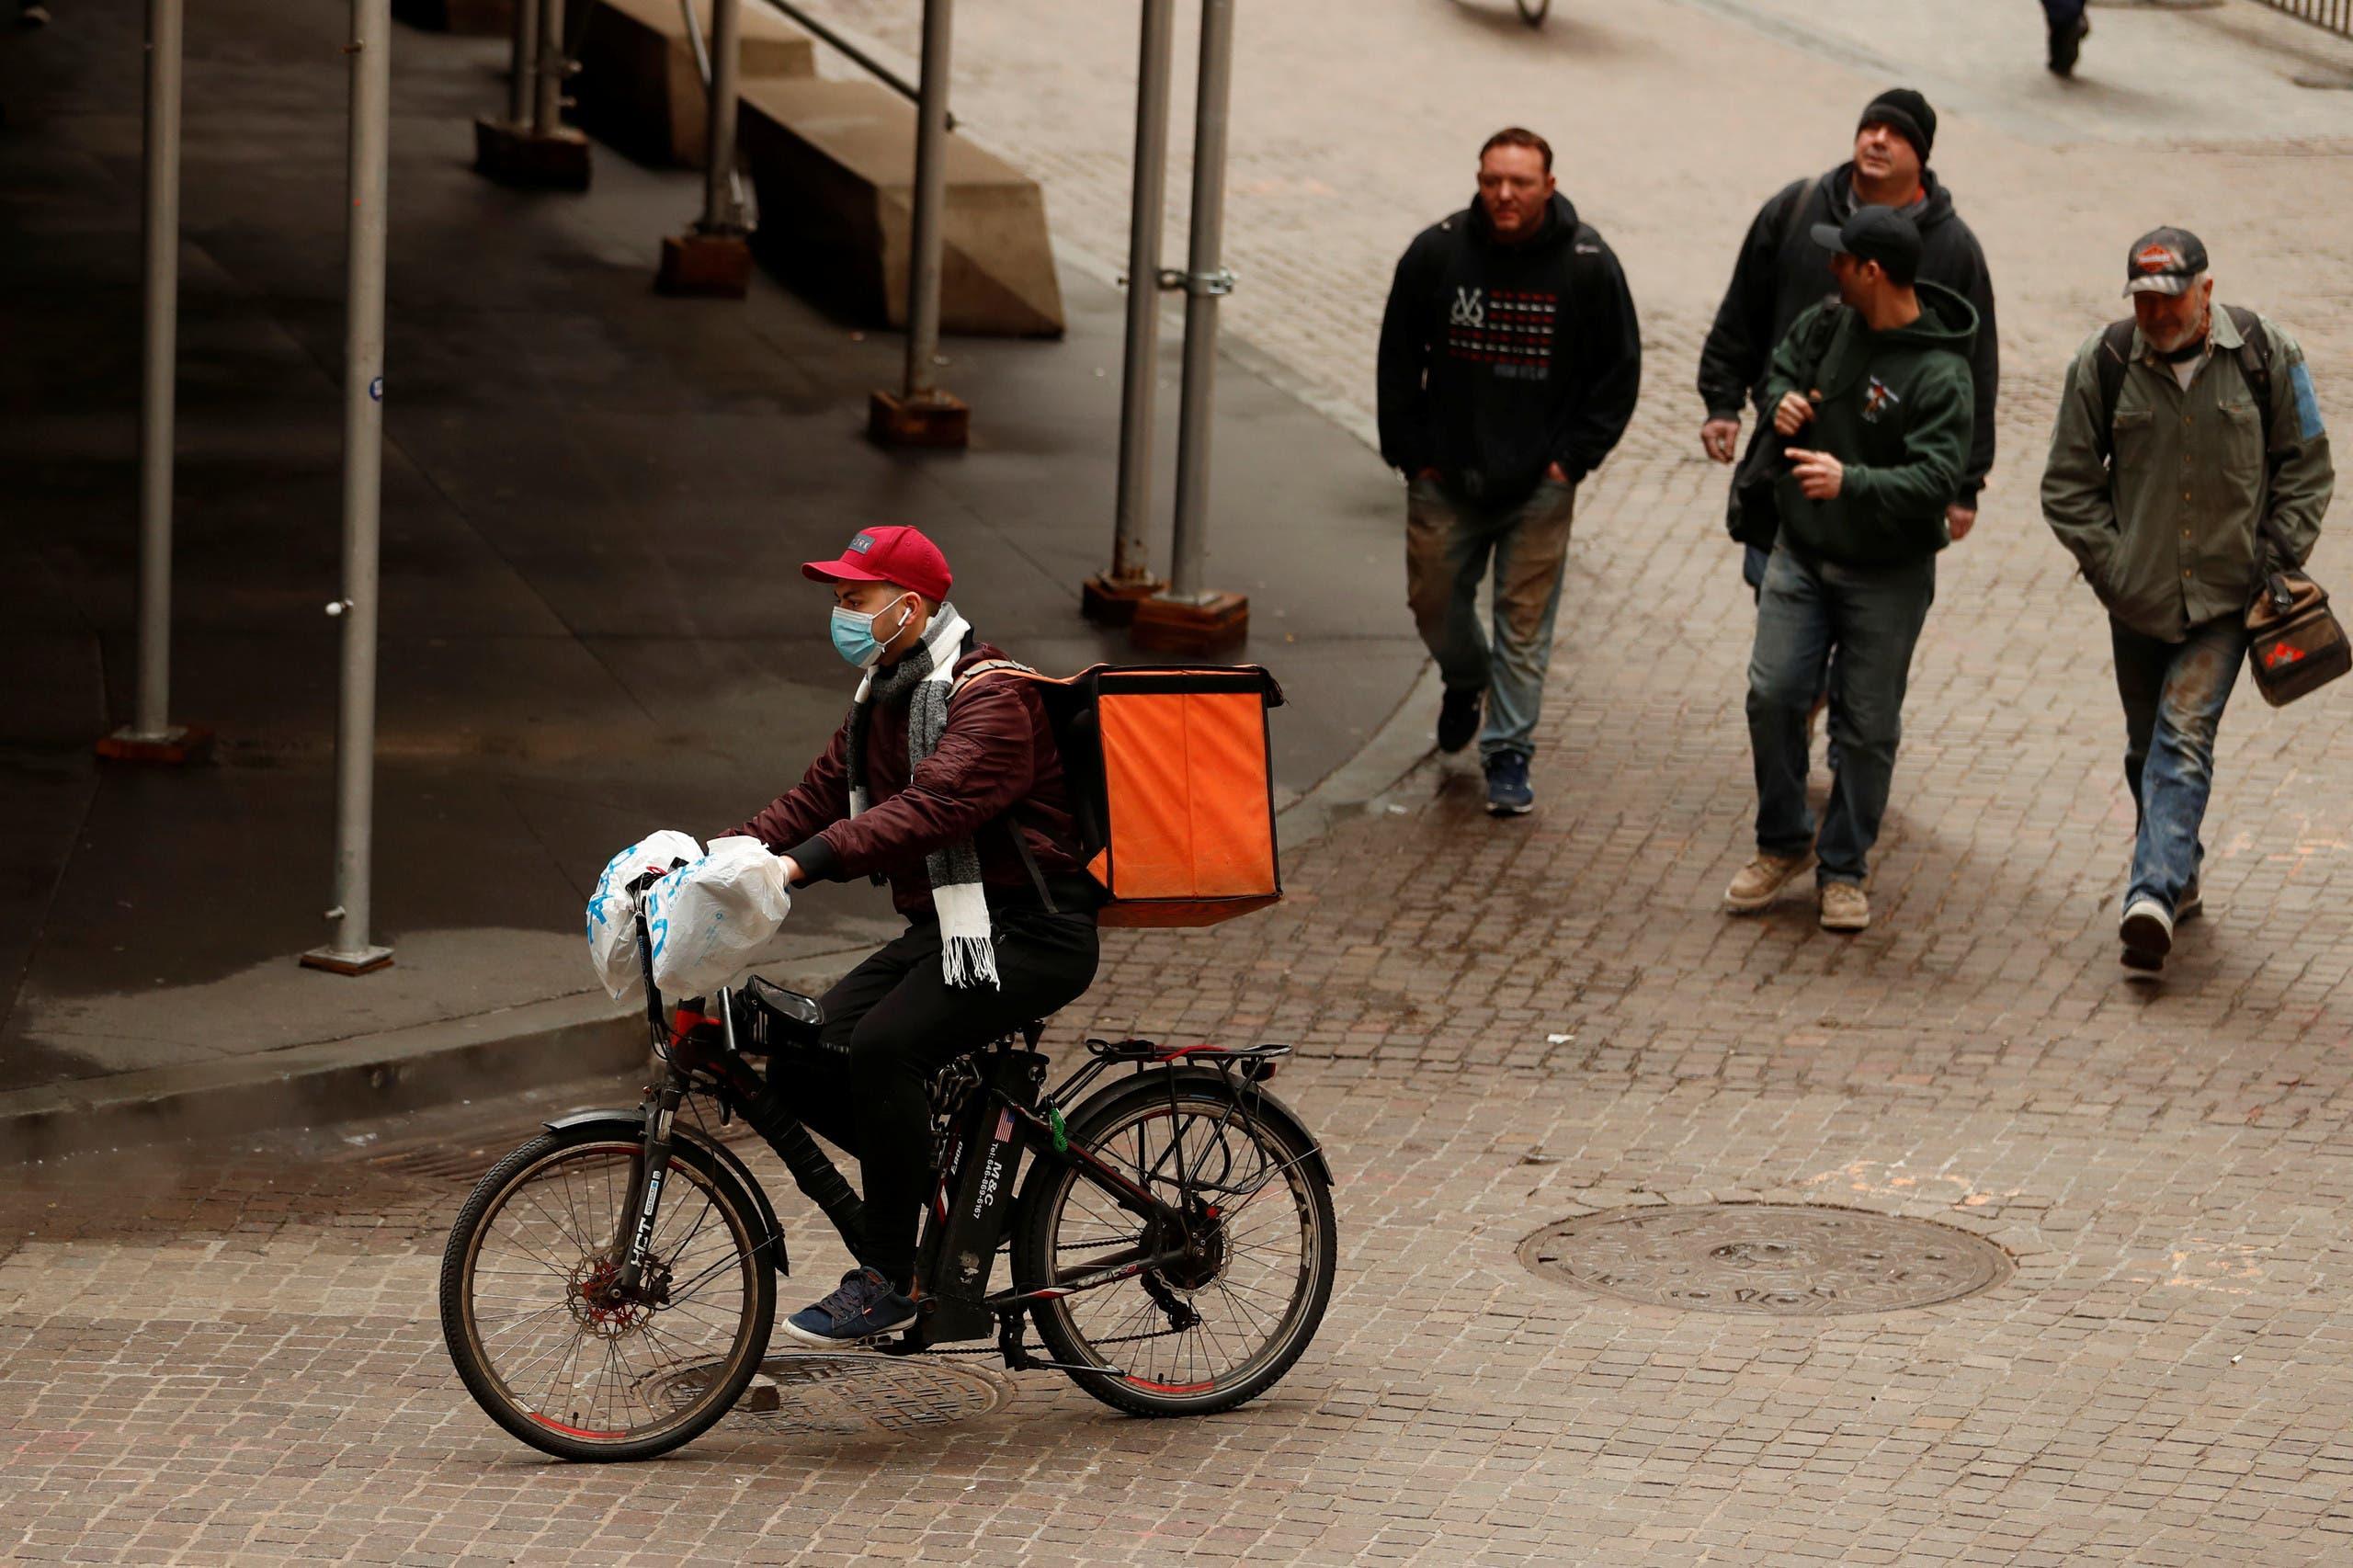 عامل توصيل طلبات يضع قناعاً واقياً في نيويورك الثلاثاء